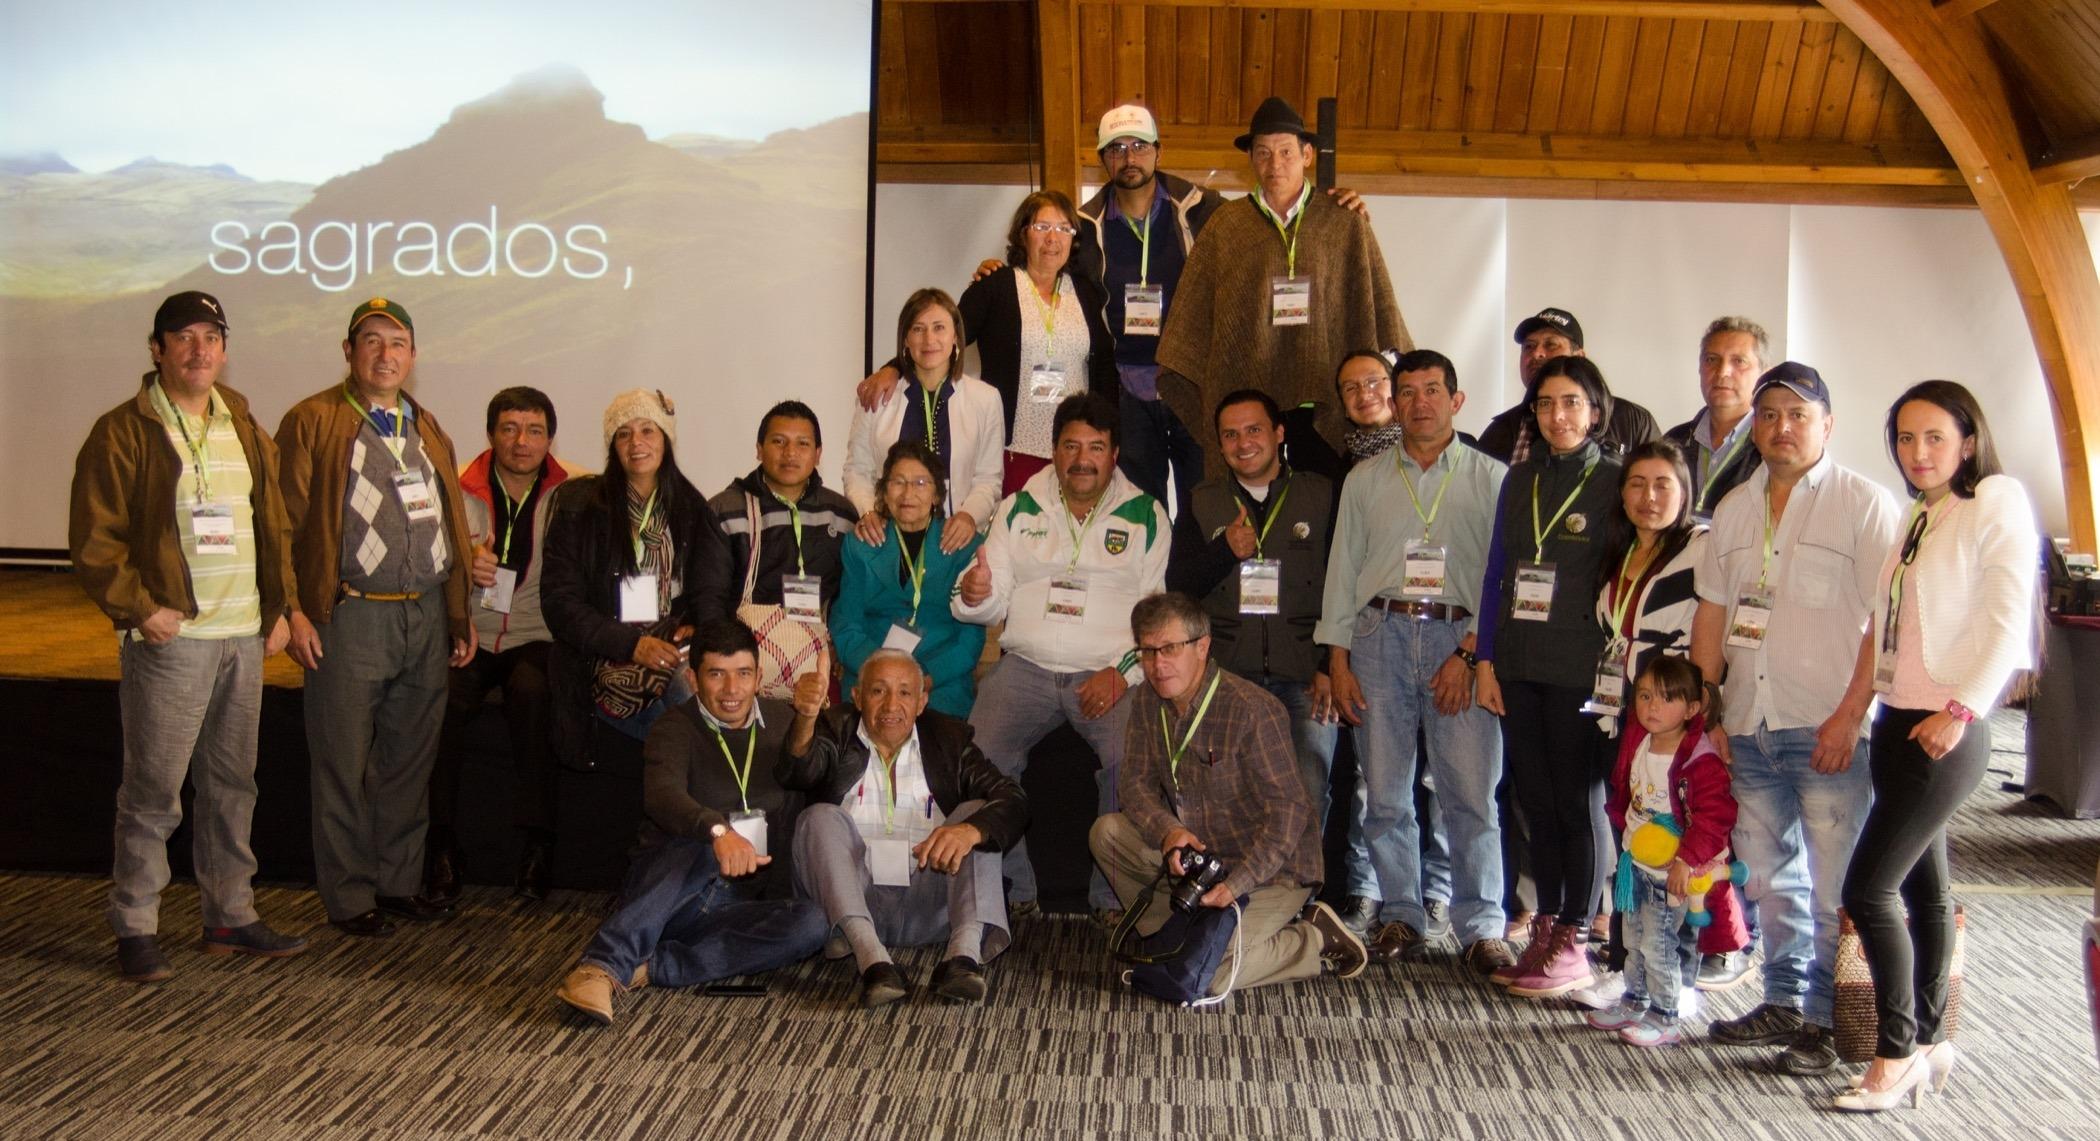 Foto: Cortesía Diego Alejandro Peña